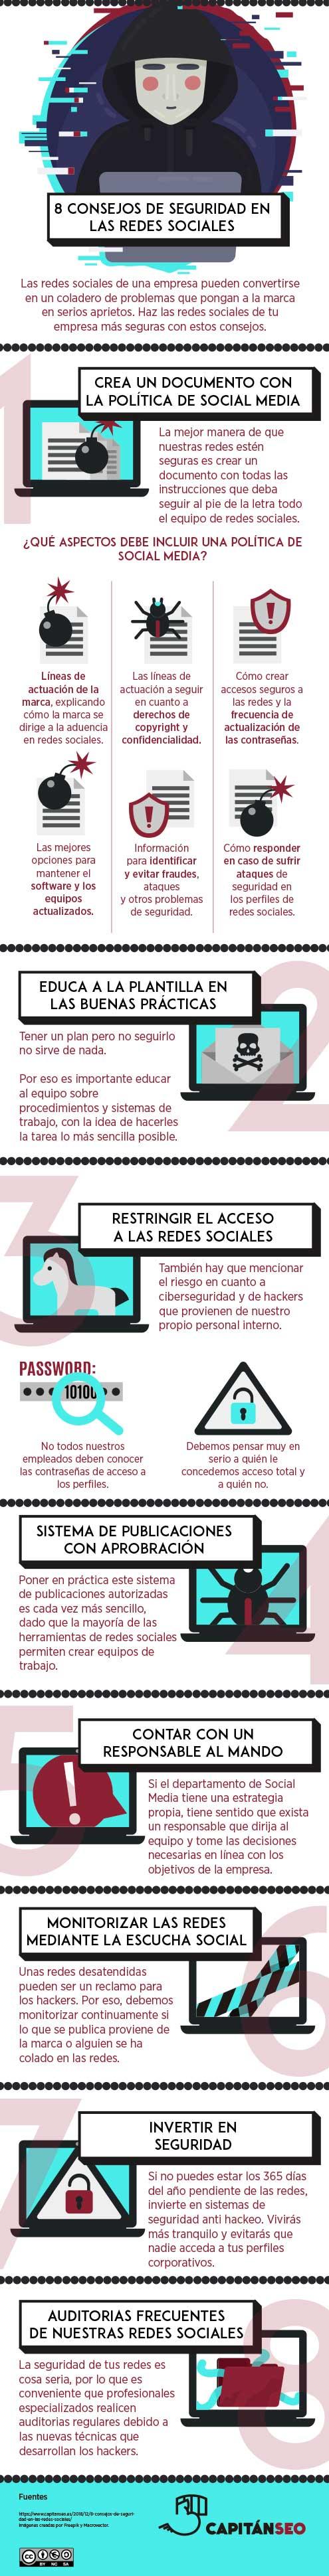 8 Consejos de seguridad en las redes sociales